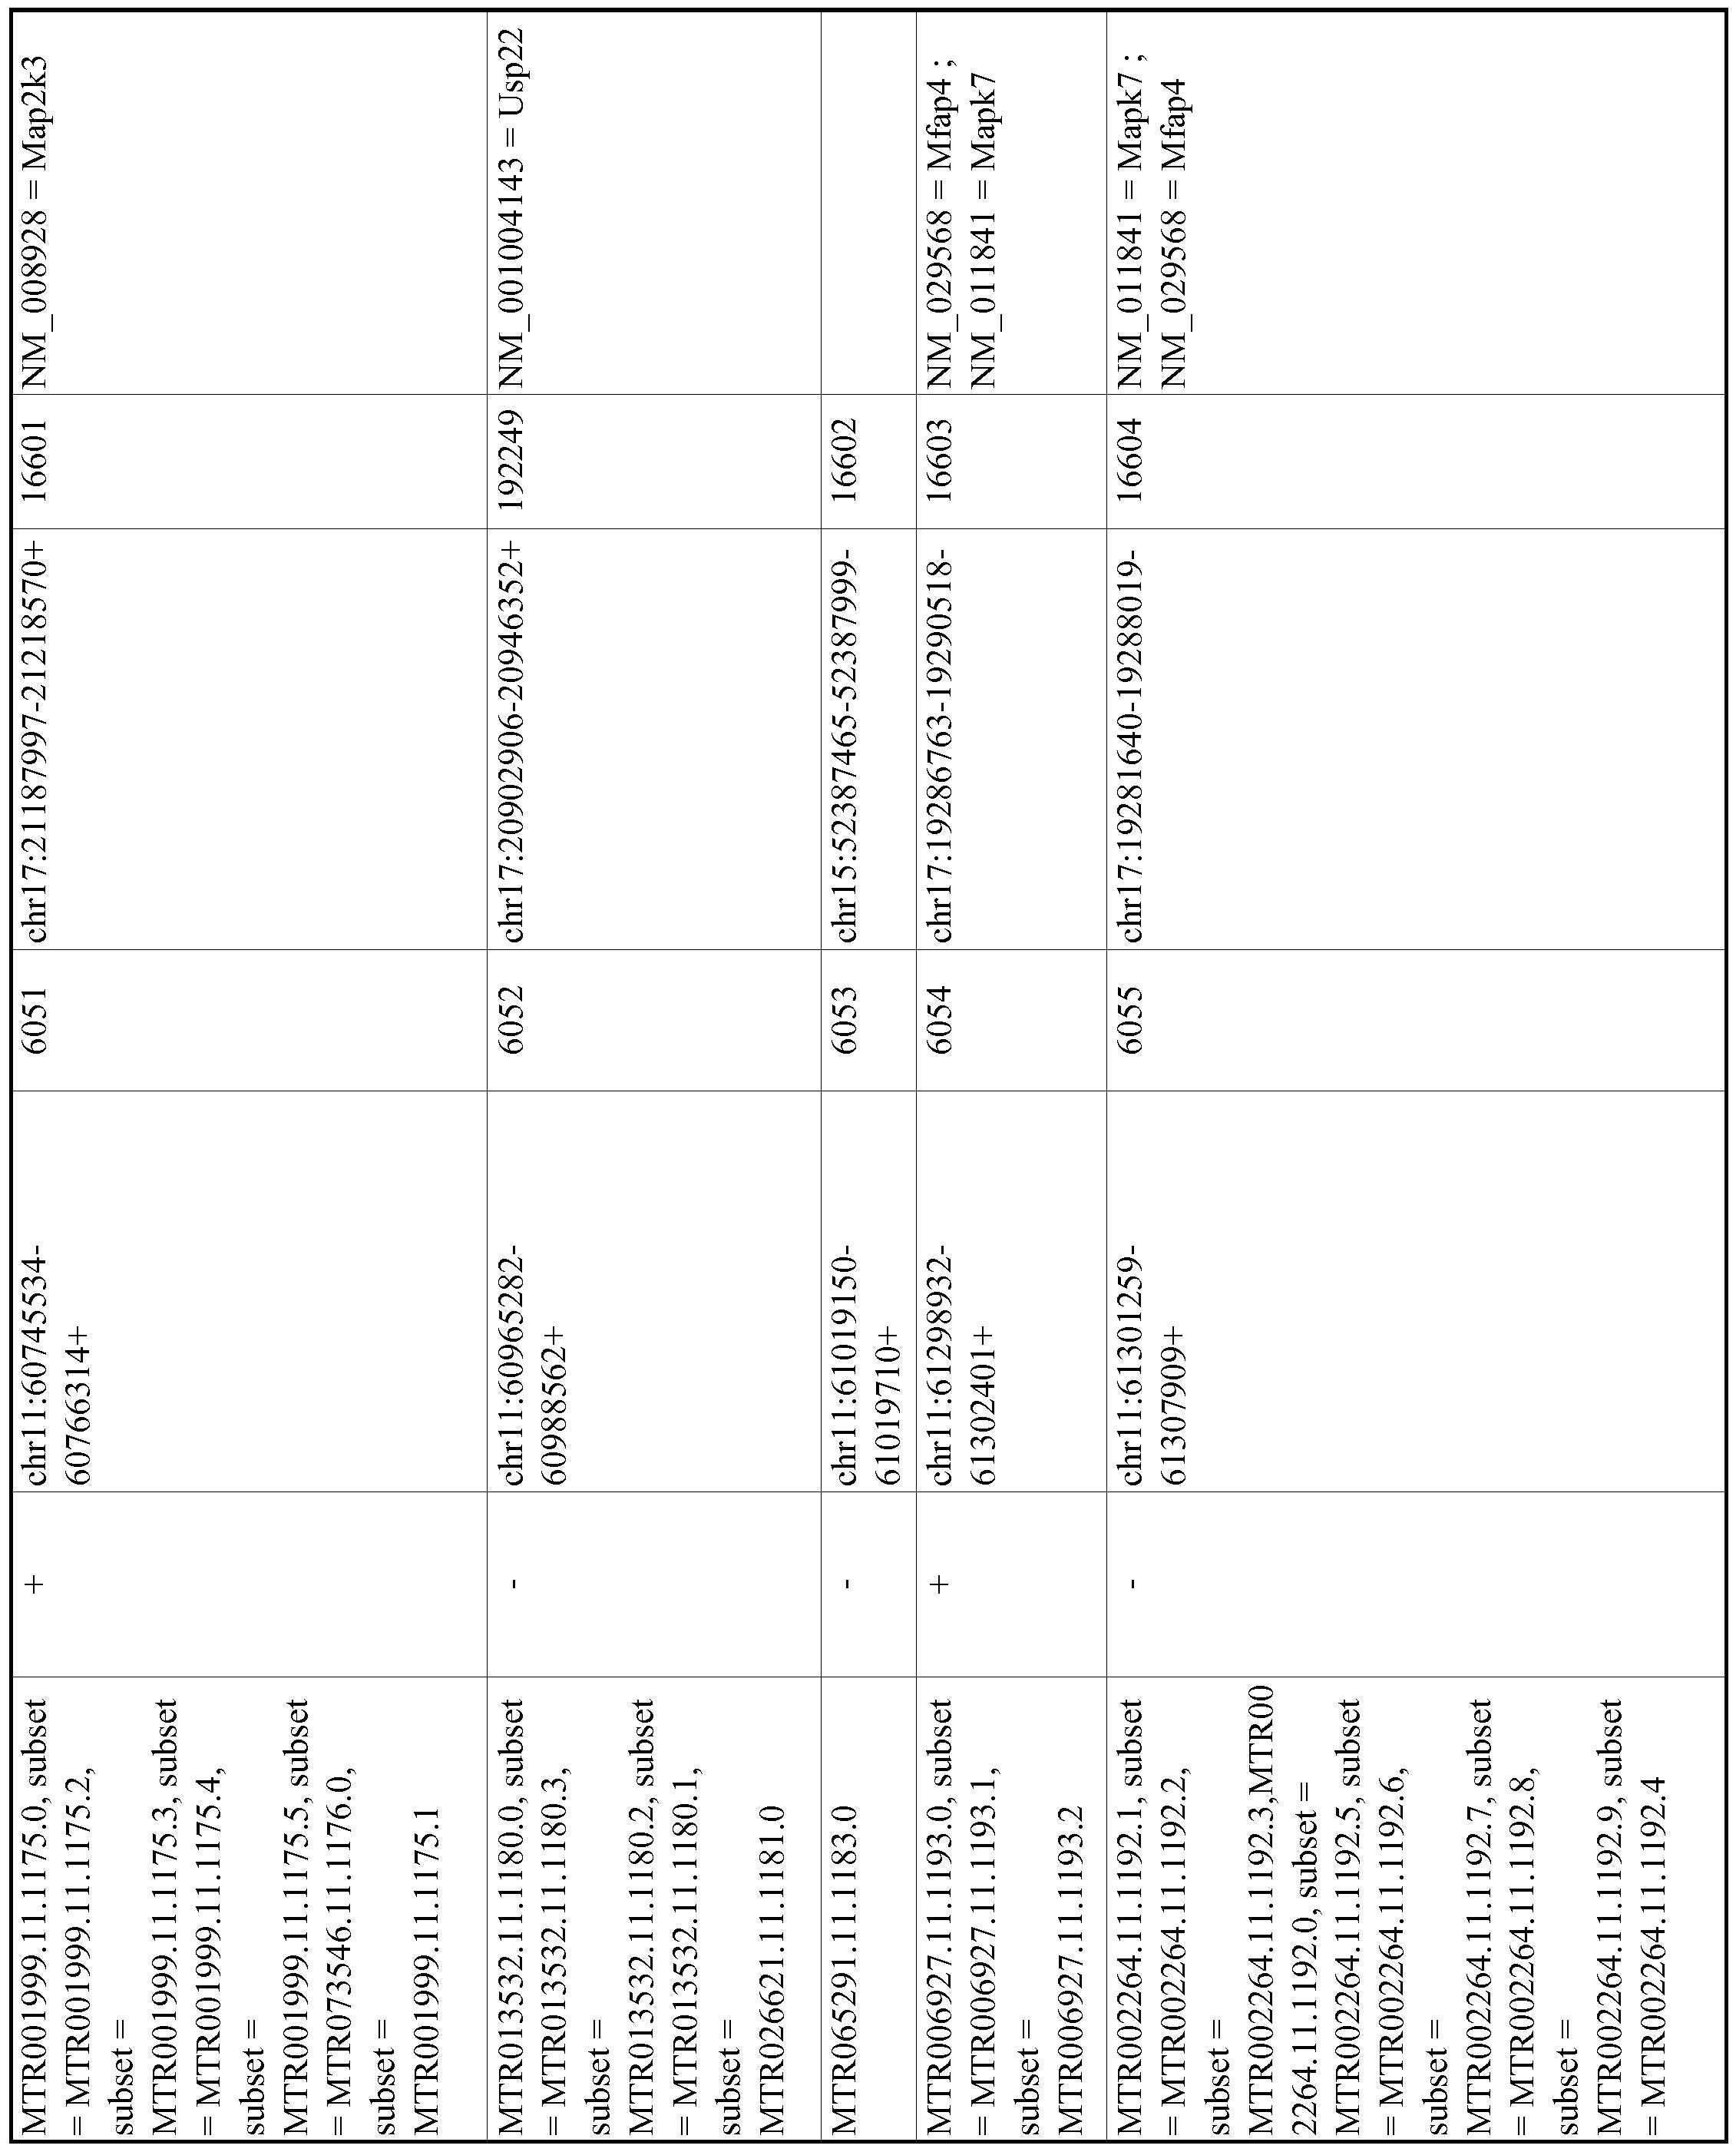 Figure imgf001090_0001